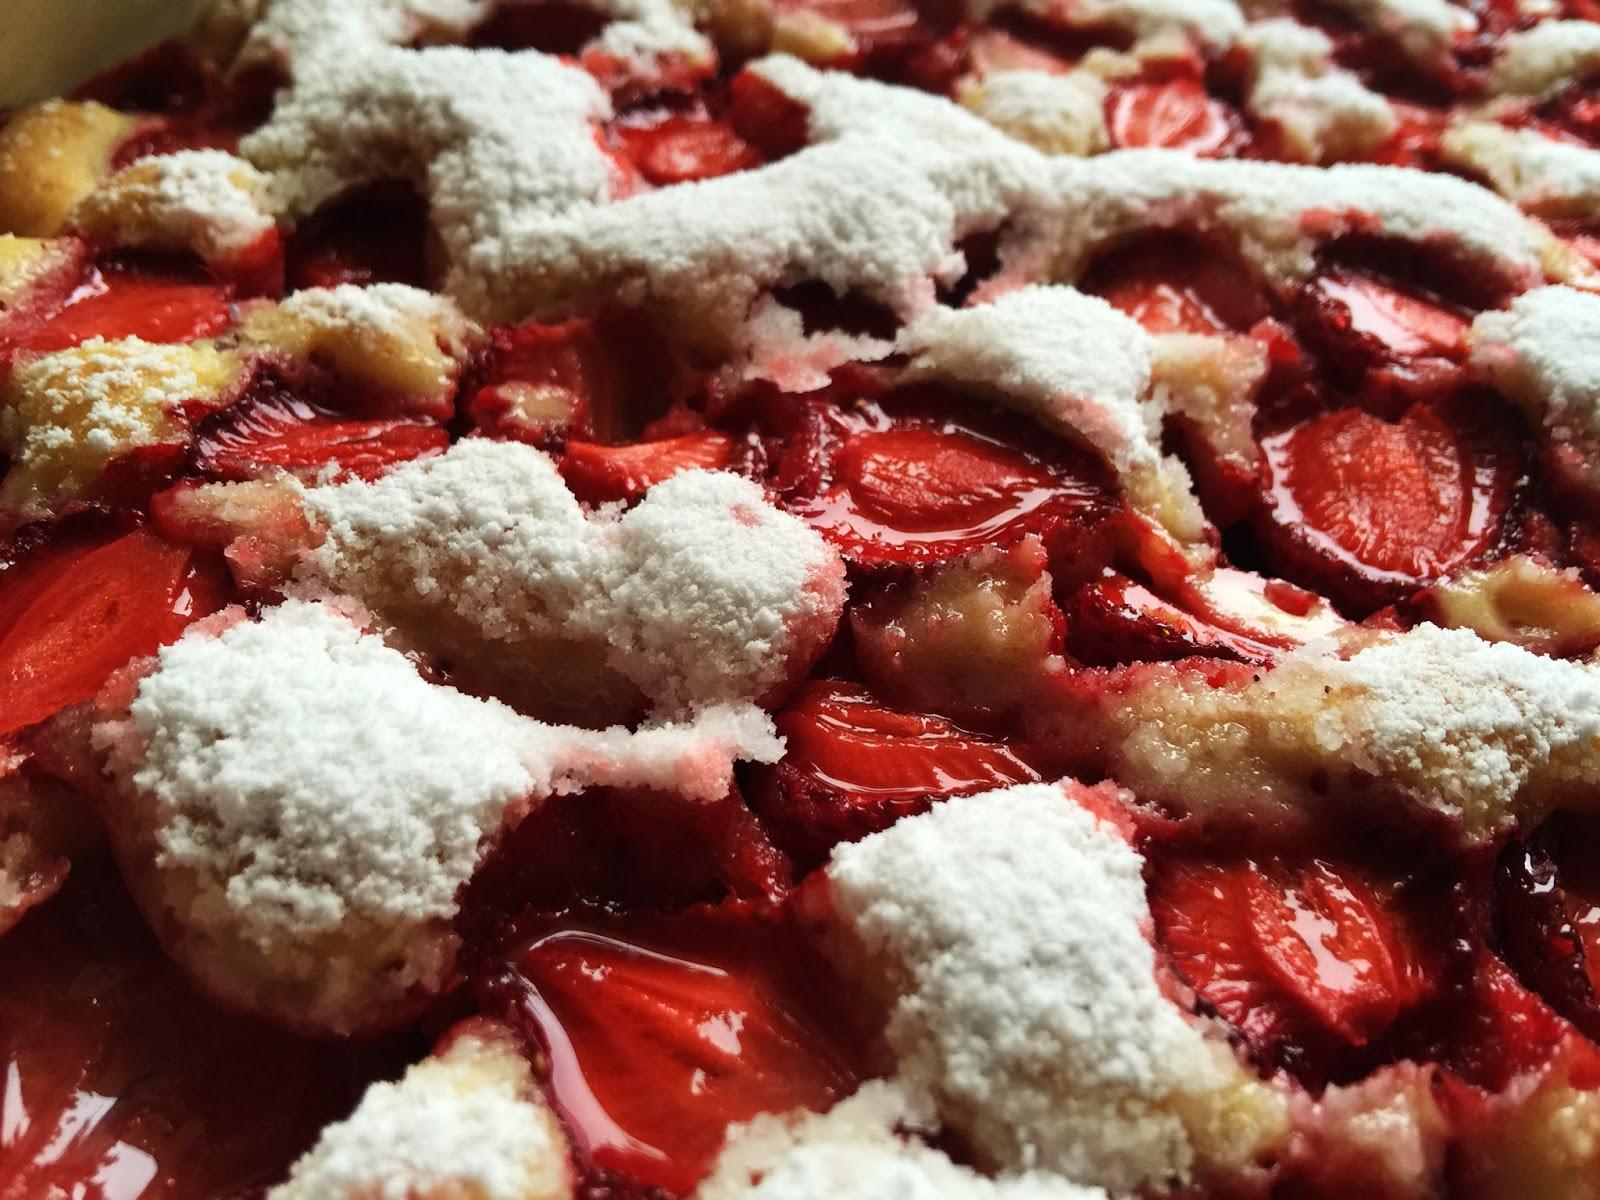 Pastel de fresas, recetas gourmet